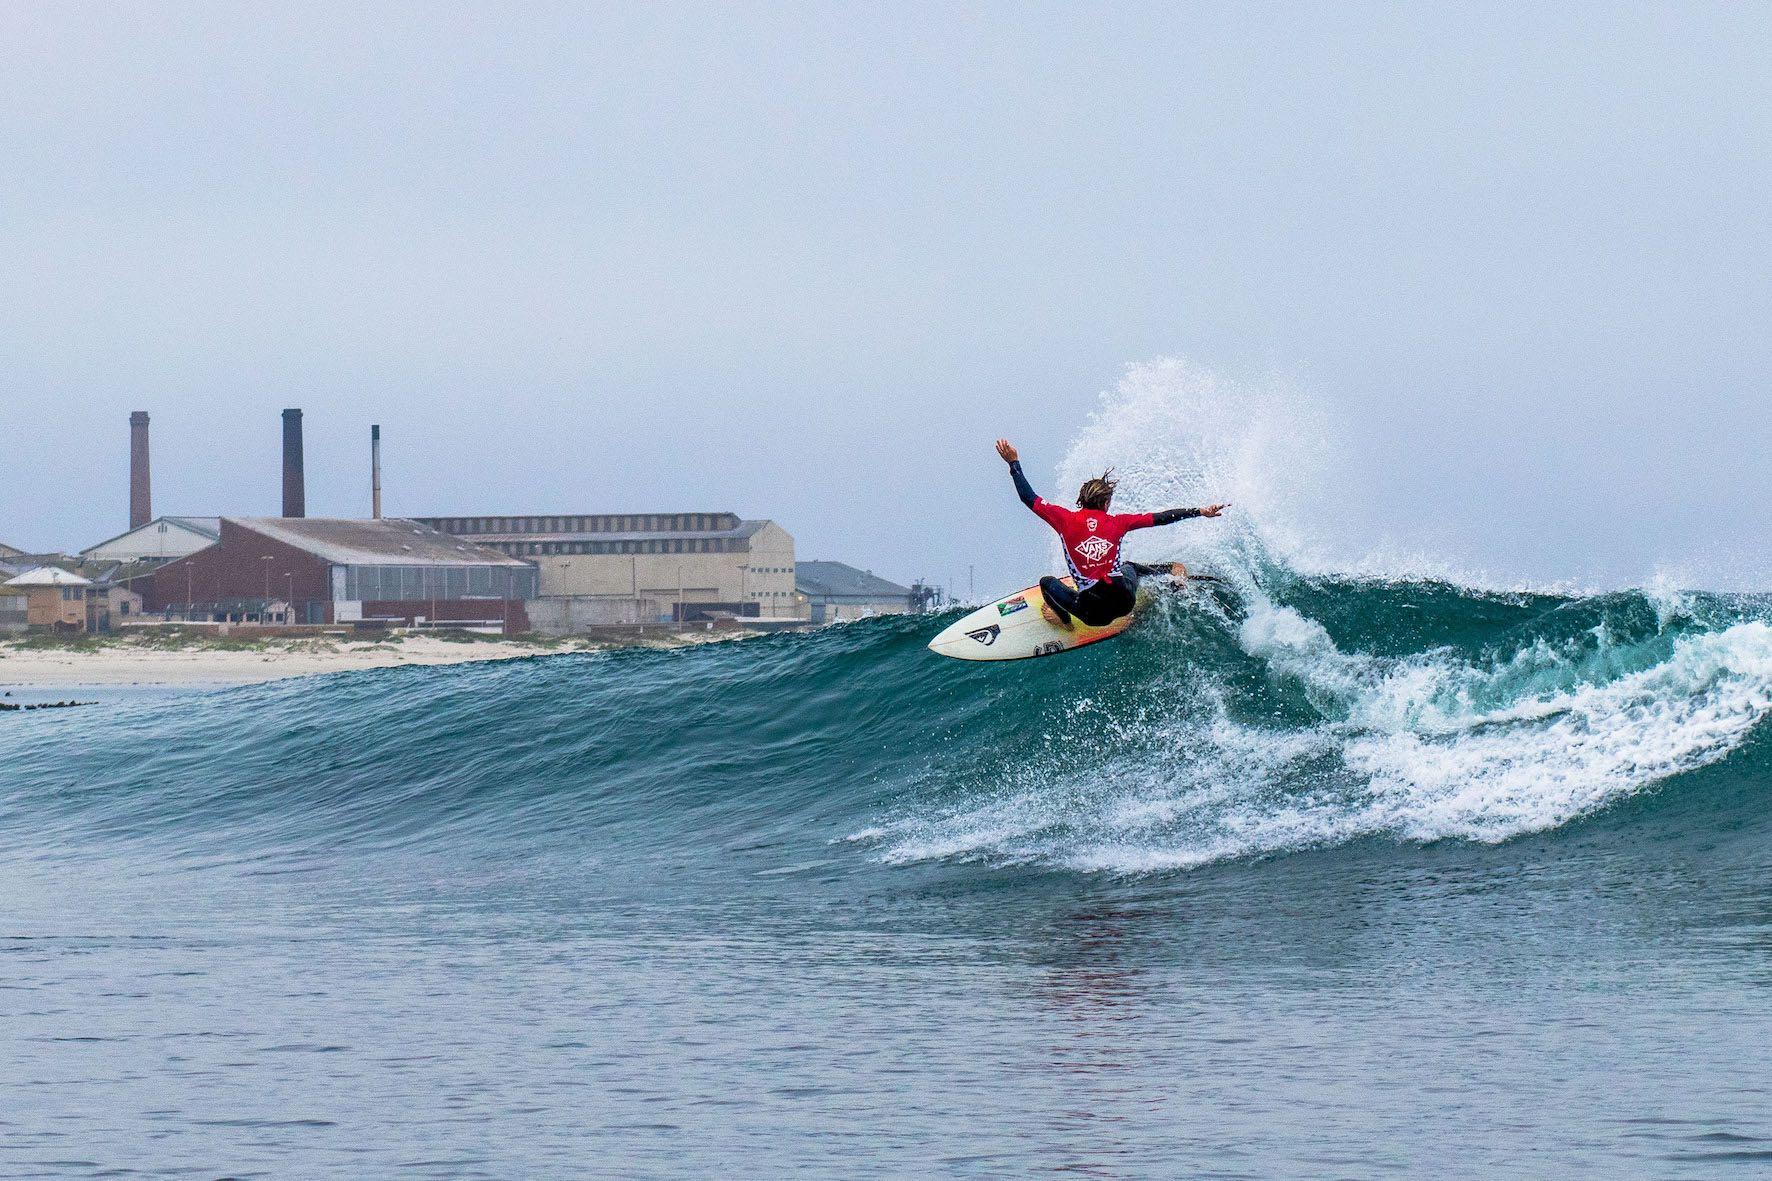 Luke Slijpen surfing in the 2019 Vans Surf Pro Classic